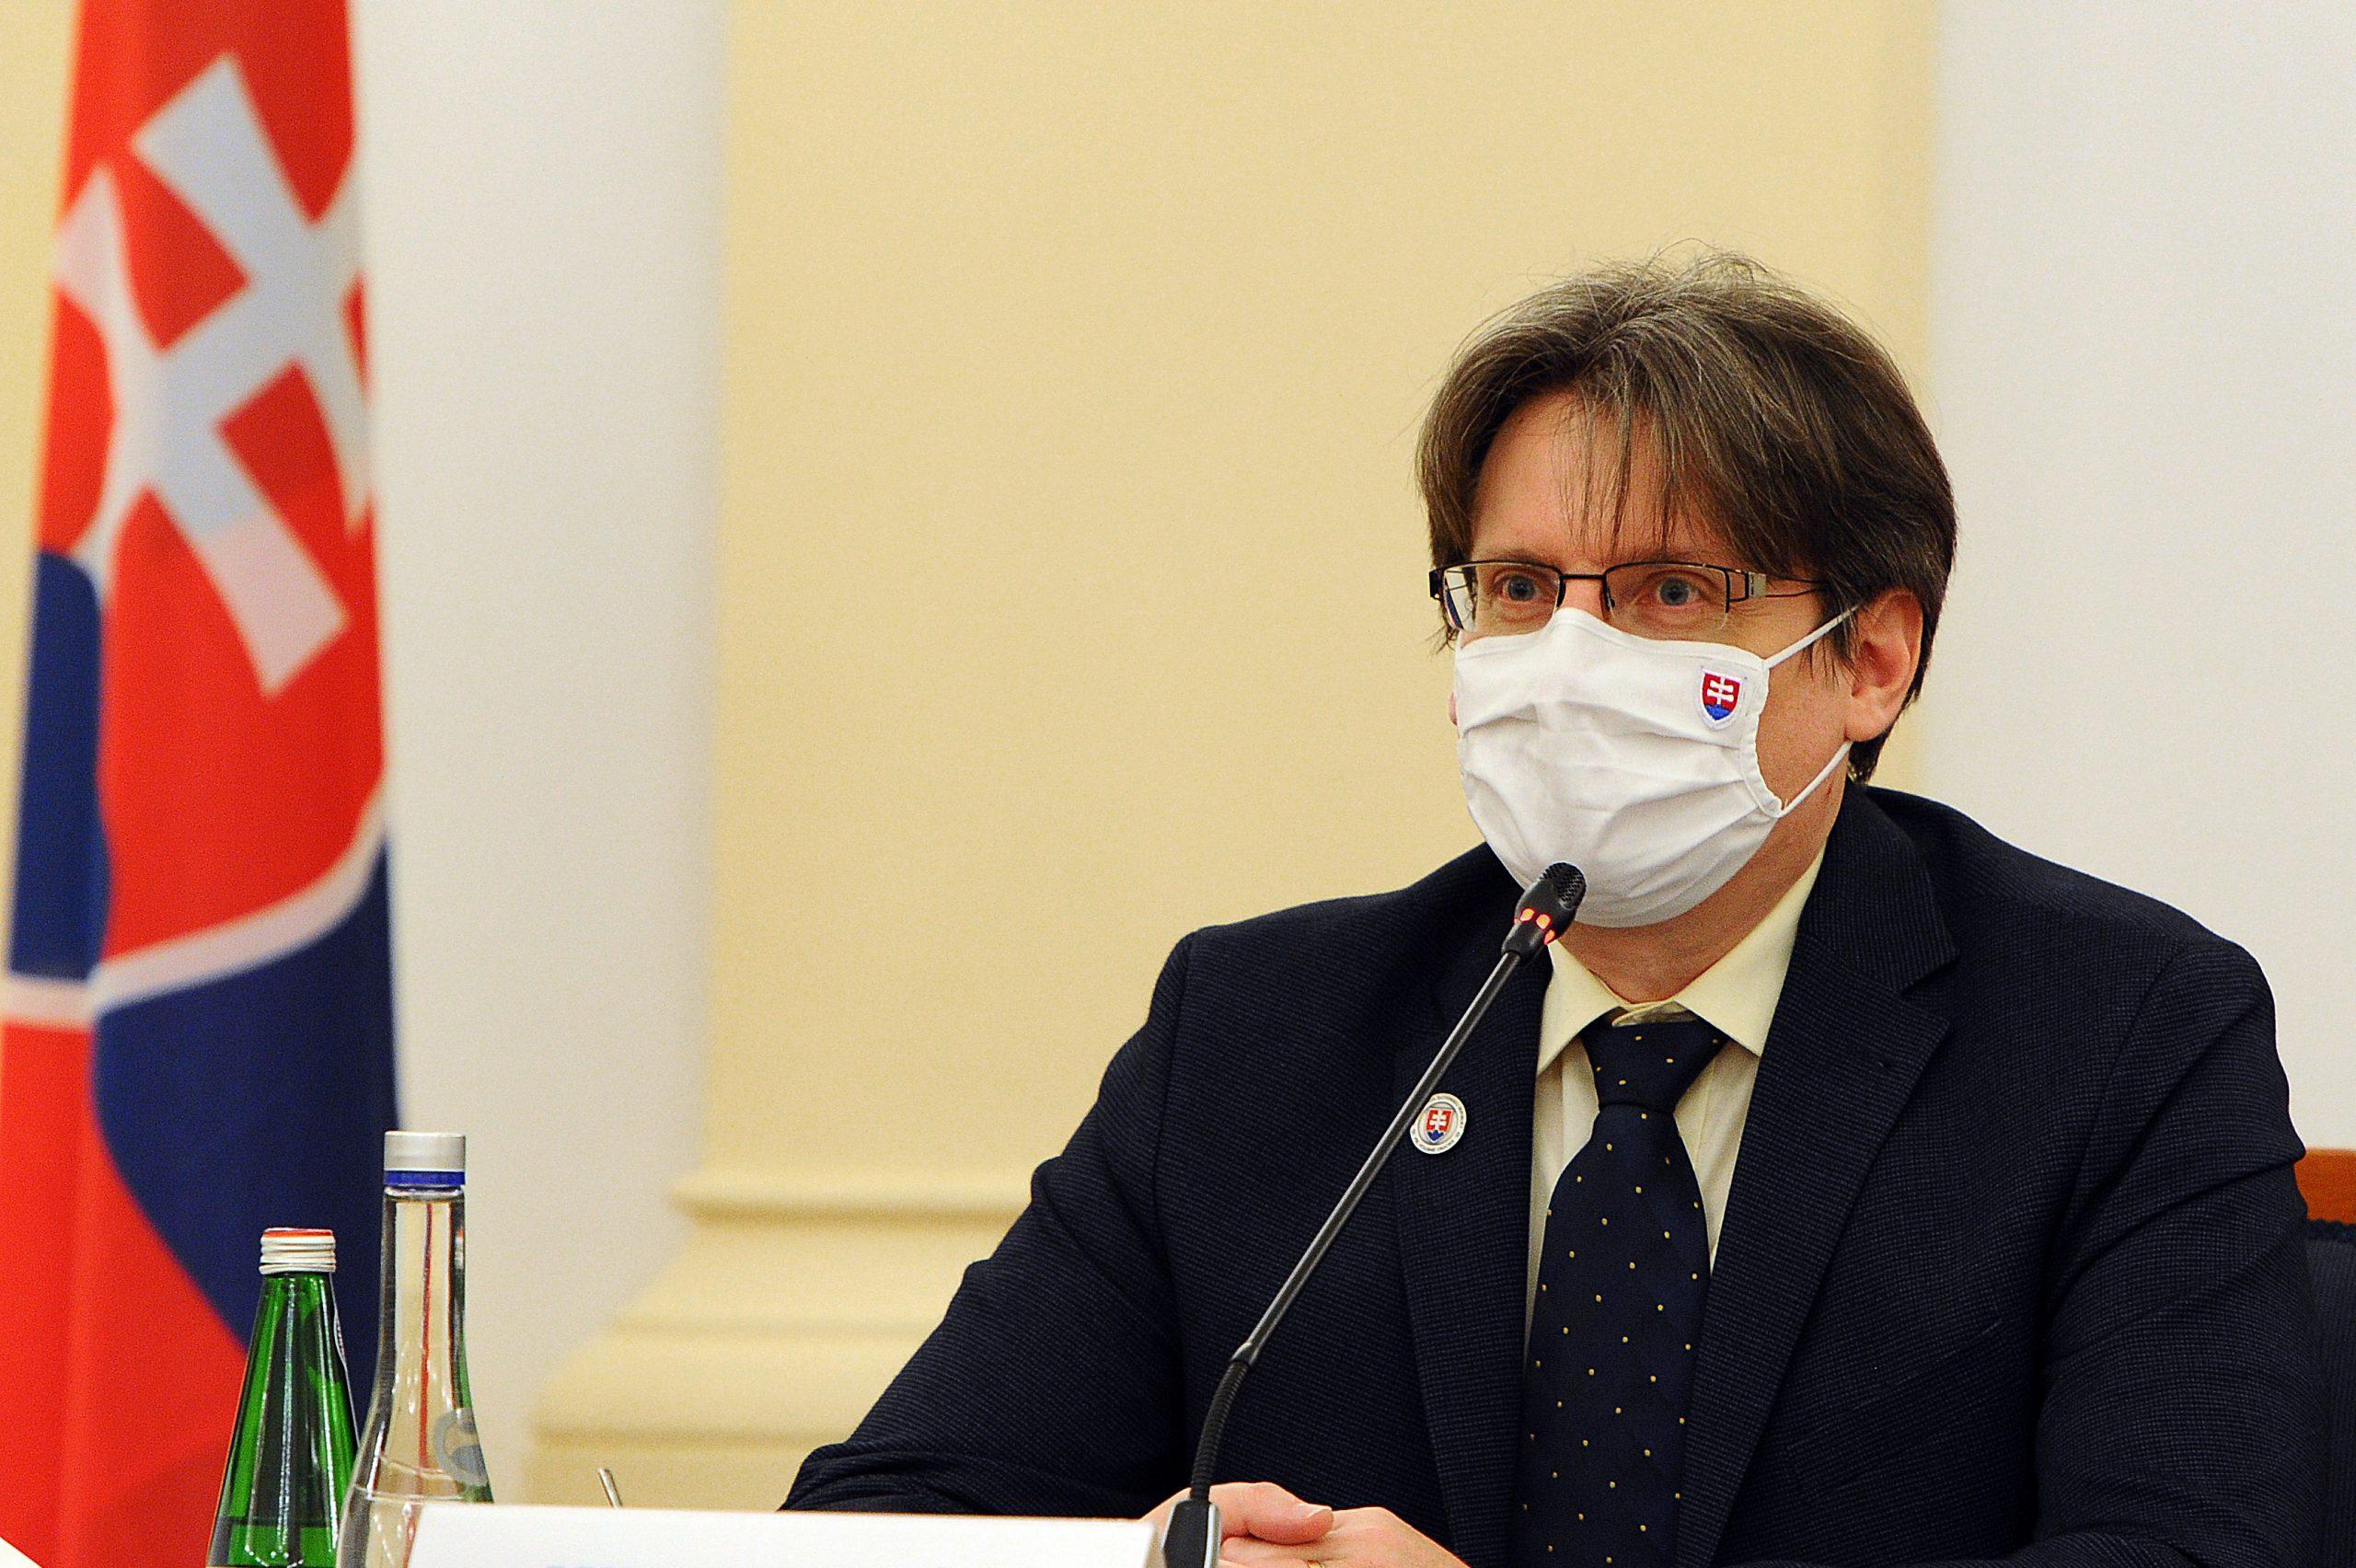 Milan Vetrák